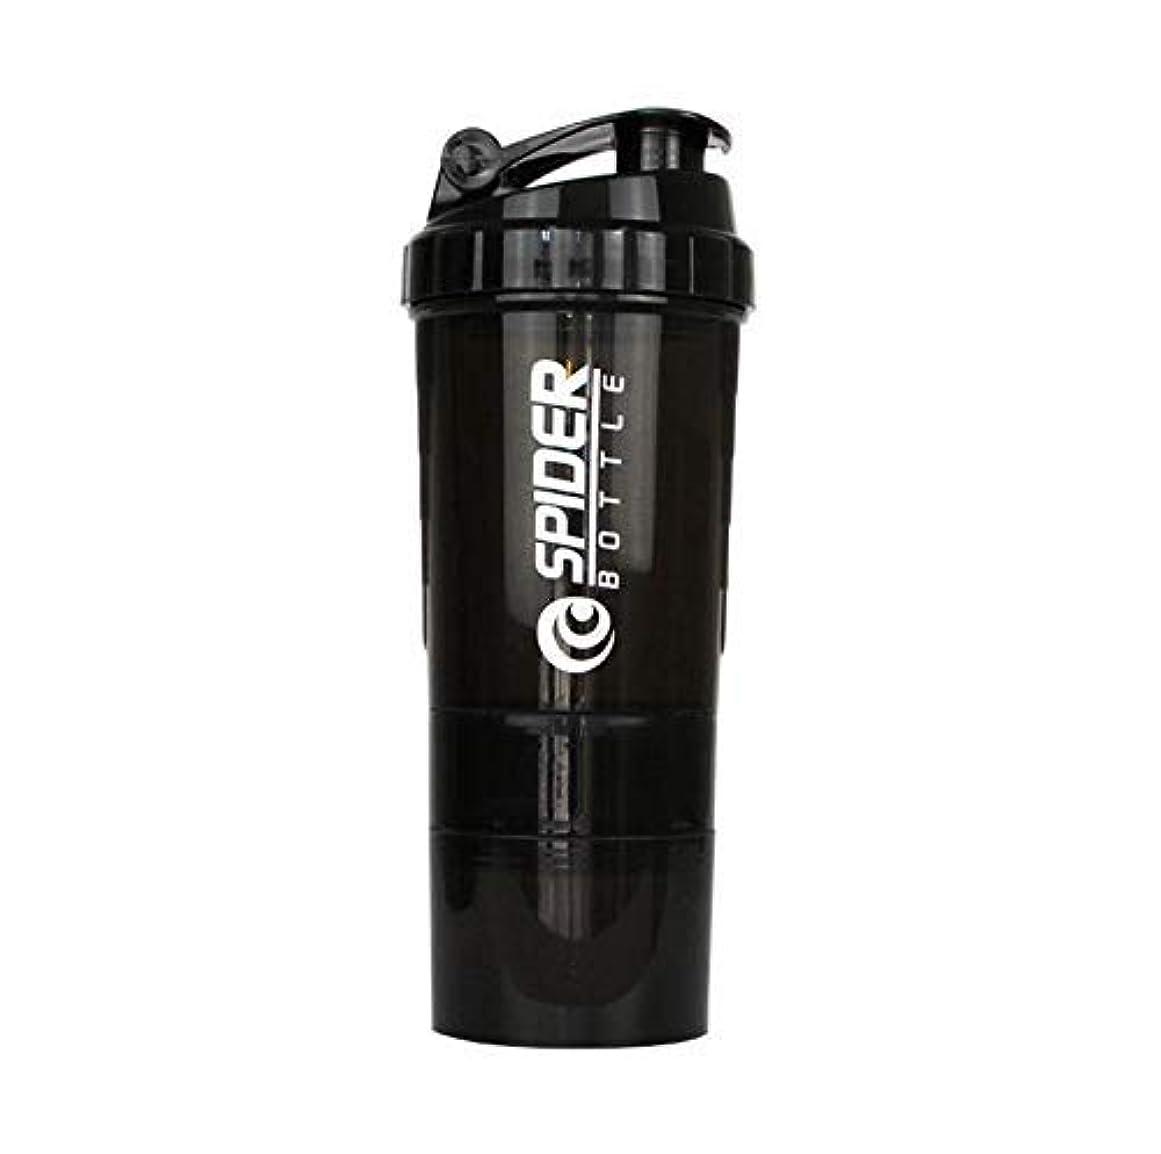 洗練評価する受け皿ブレンダーボトル プロテインシェイカー 500ml シェーカーボトル (ブラック)